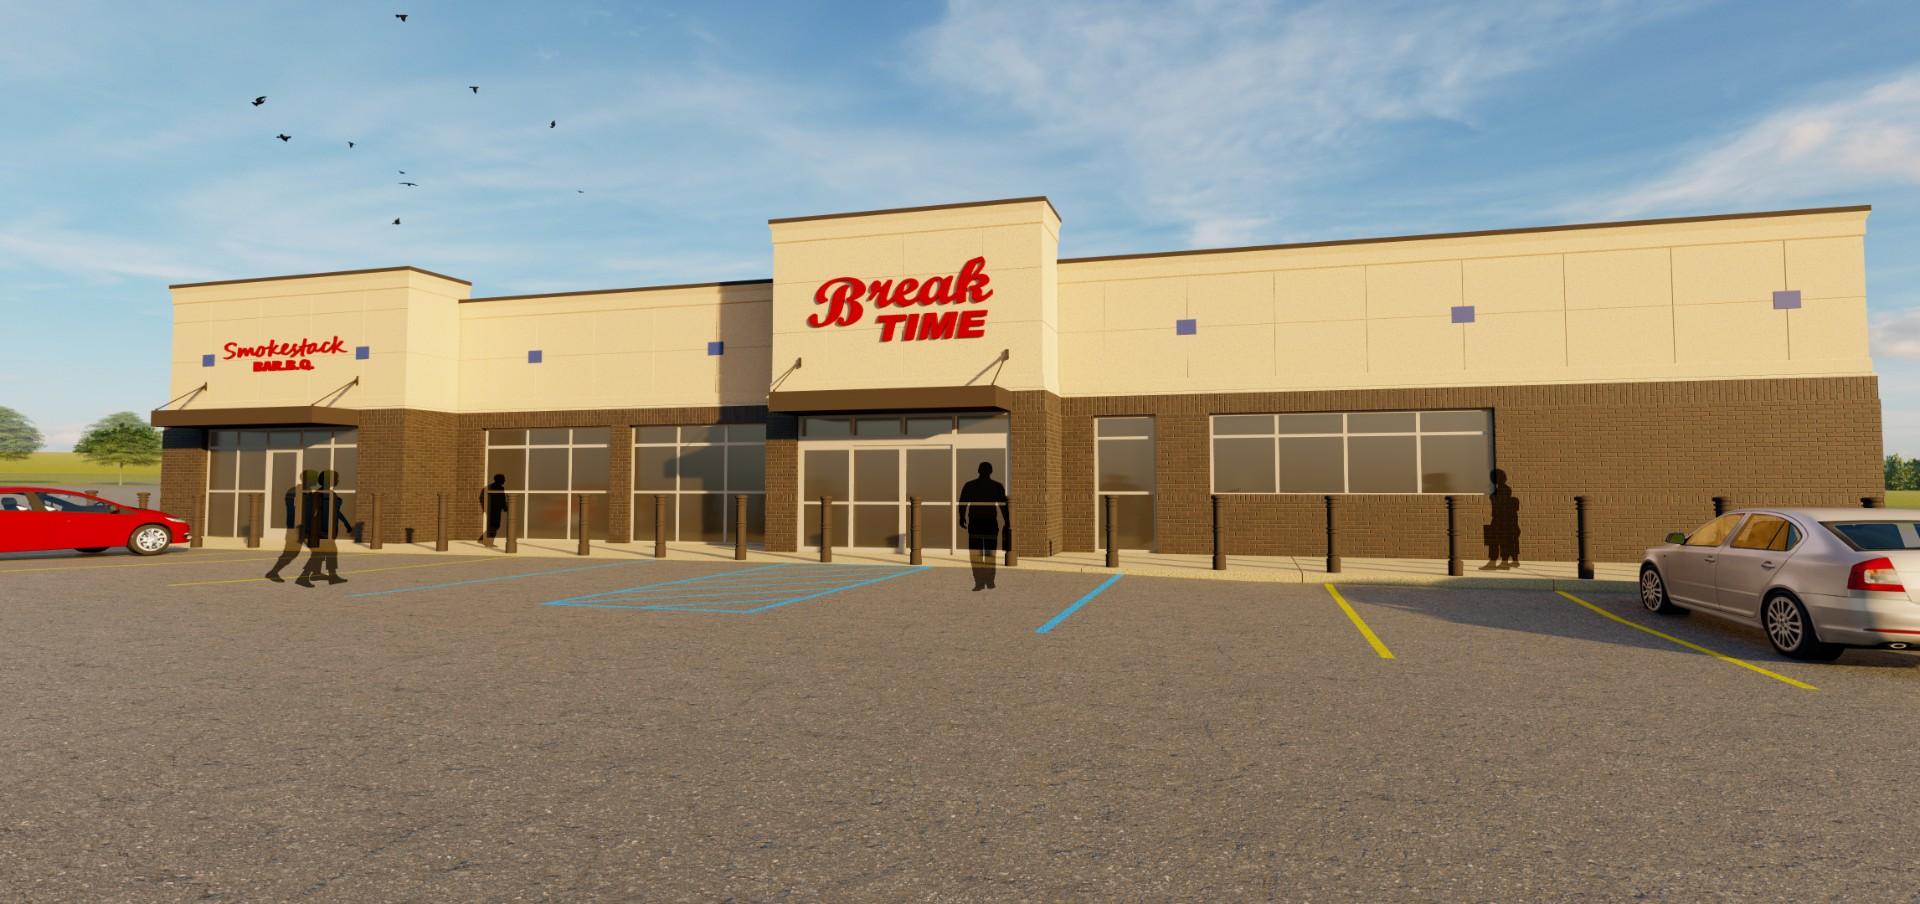 Break-Time-Sedalia-Exterior-Convenience-Store